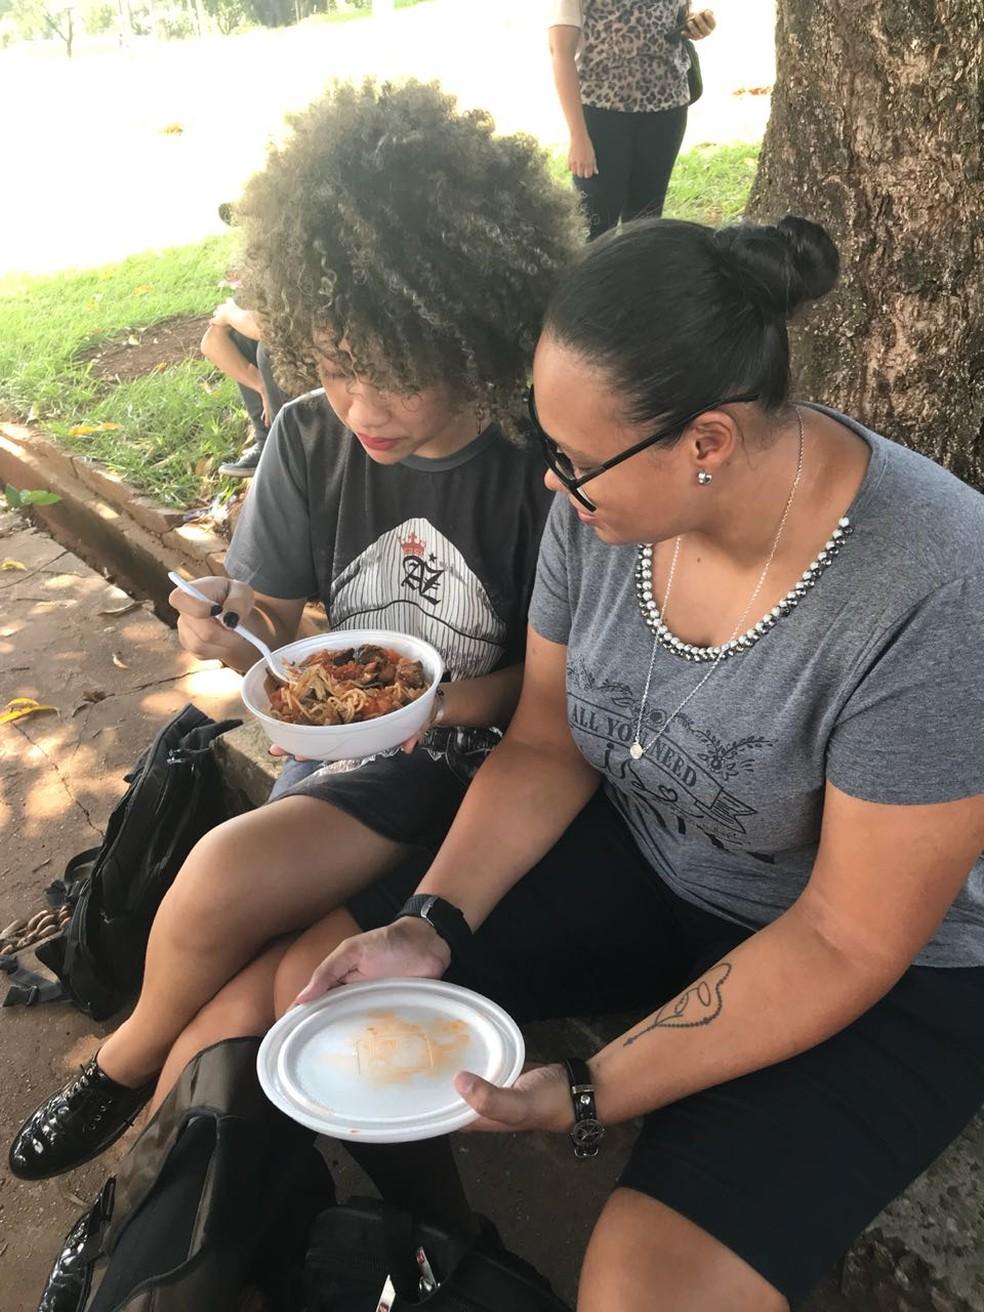 Estudantes com a refeição preparada por alunos da UFMS (Foto: Cláudia Gaigher/ TV Morena)